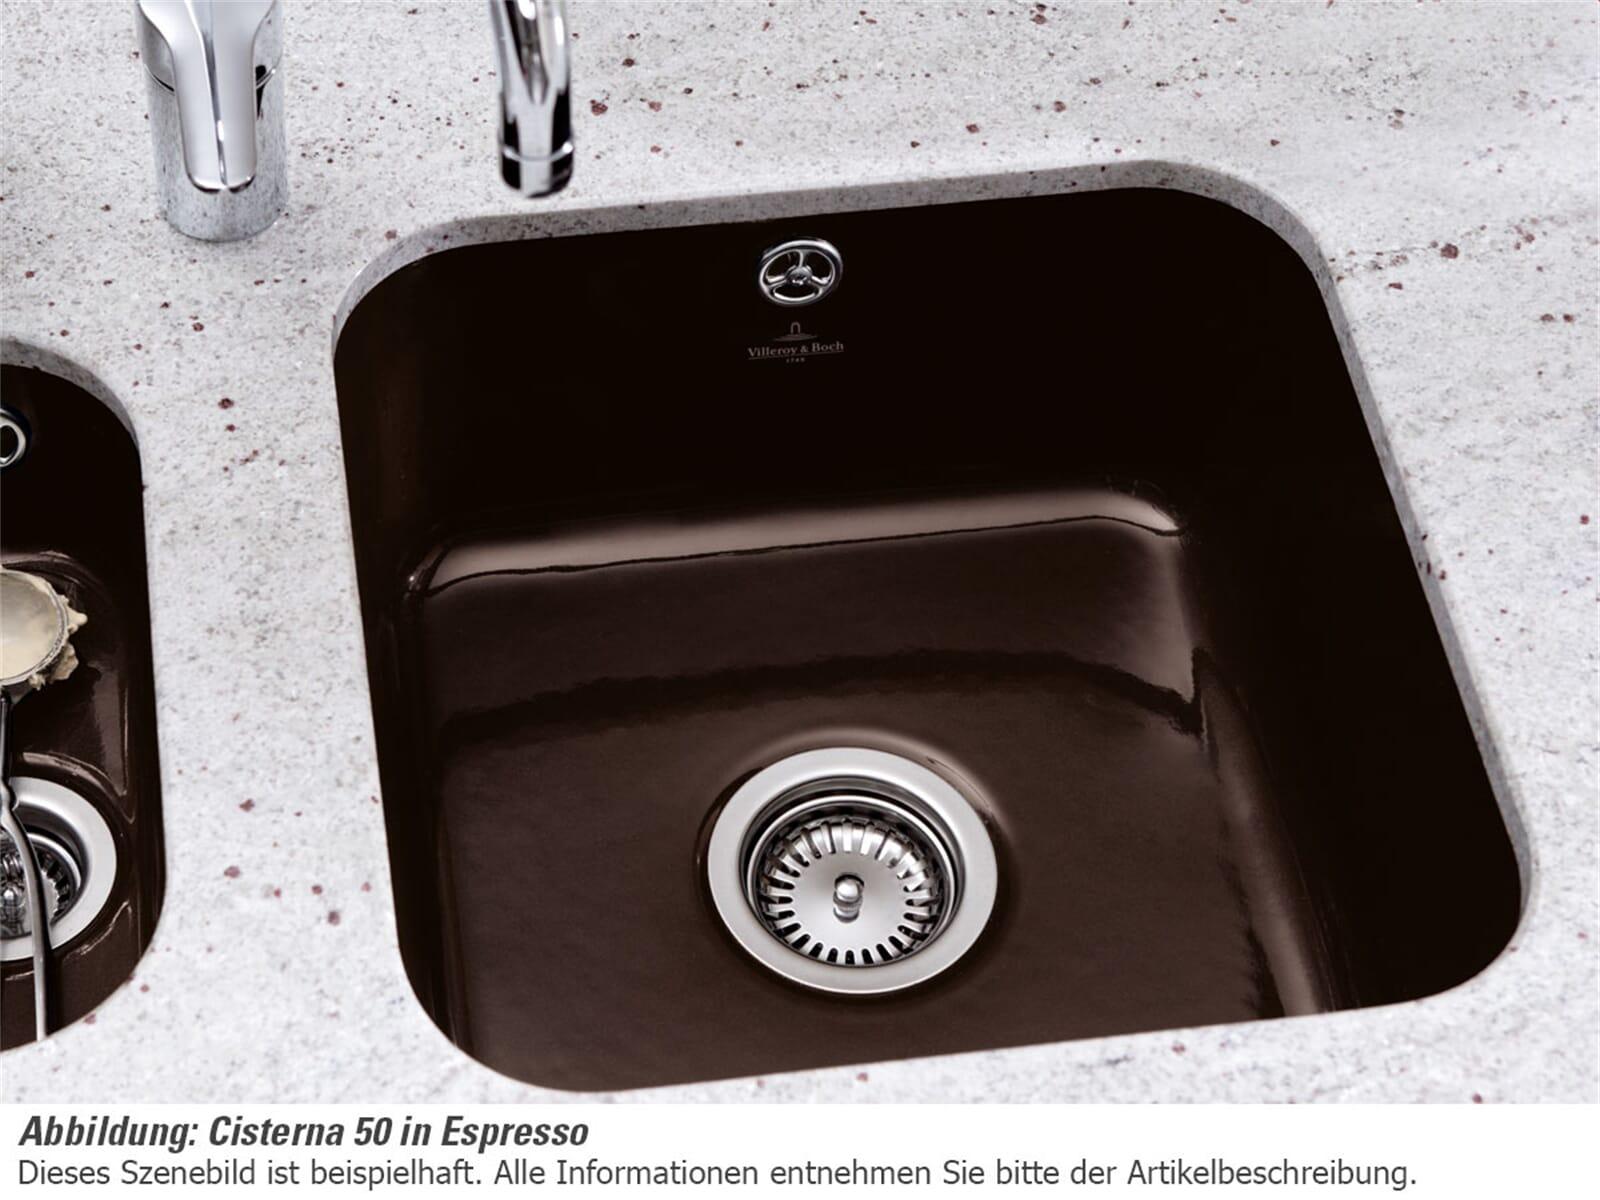 Villeroy & Boch Cisterna 50 Stone - 6703 02 SL Keramikspüle Exzenterbetätigung